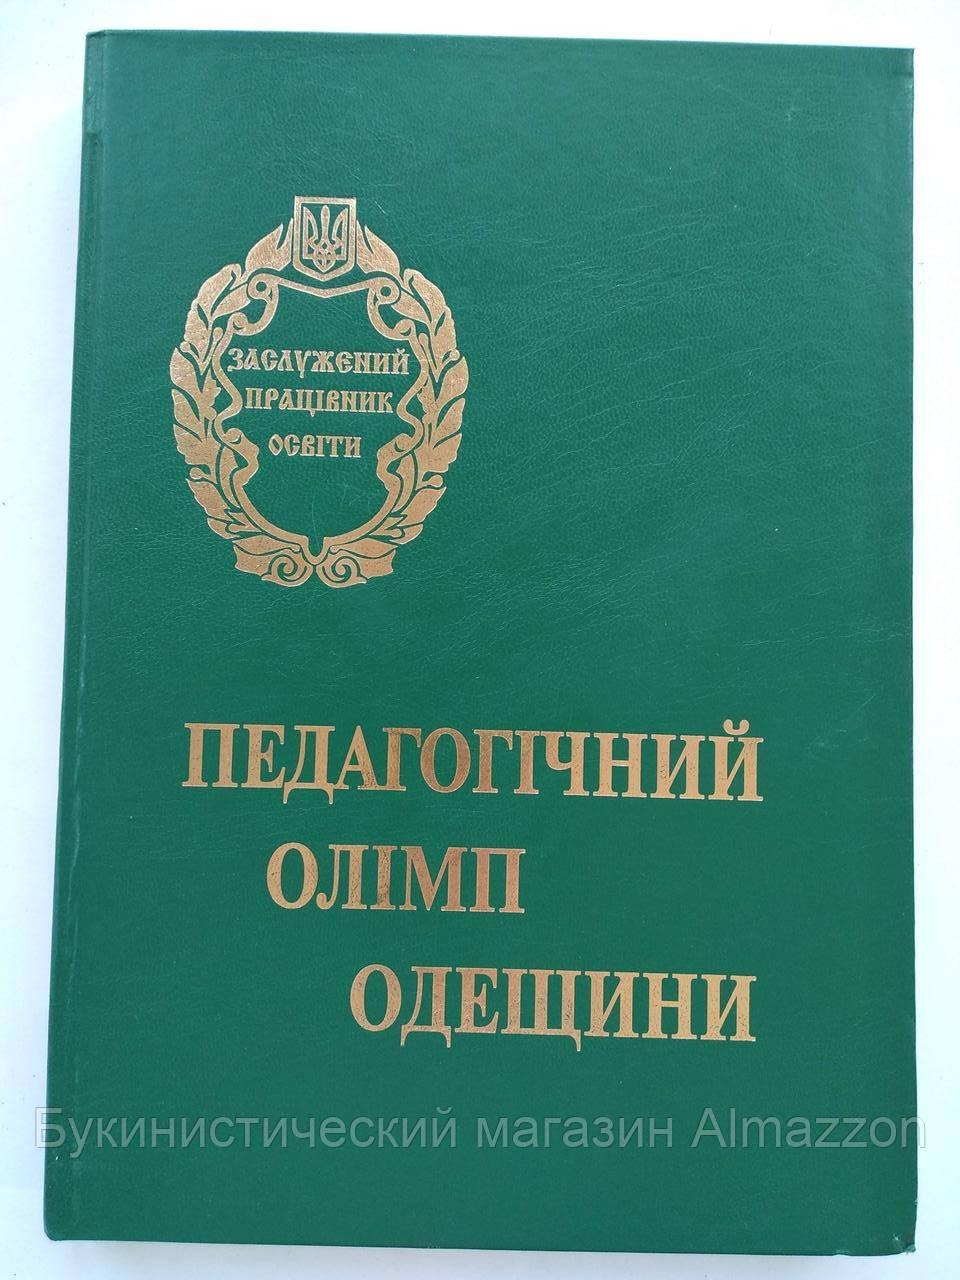 Педагогічний олімп Одещини Одесса 2008 год Д.Демченко